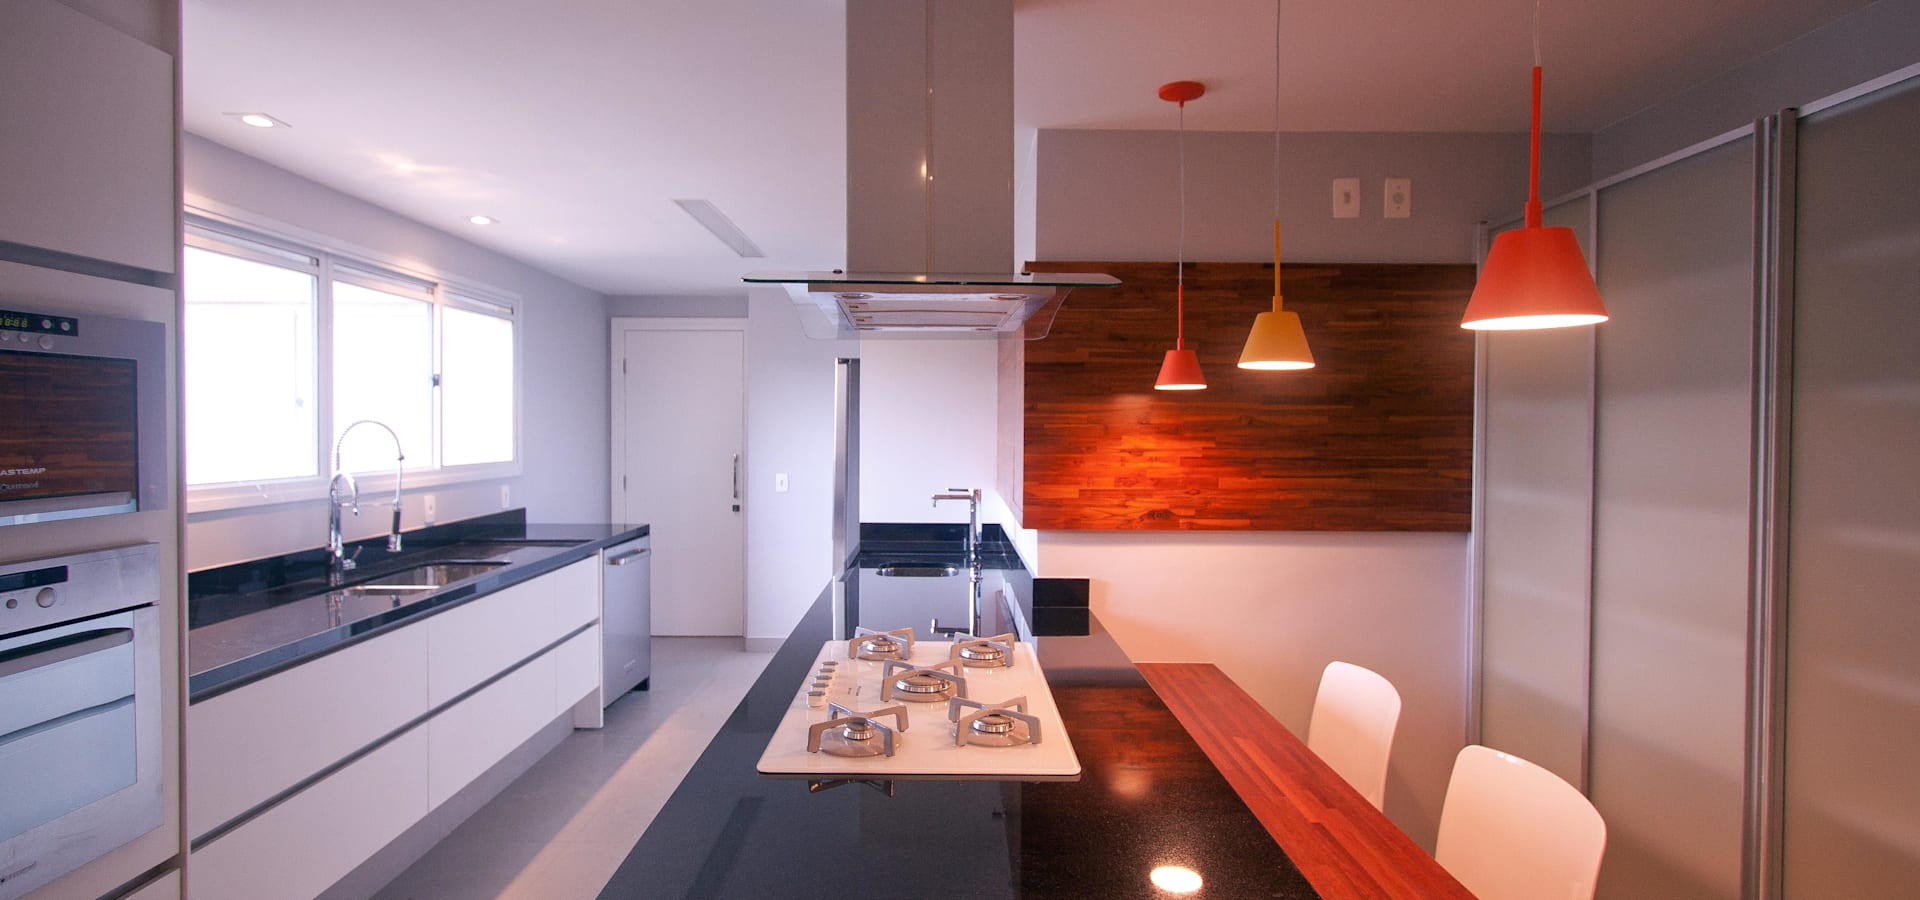 AM arquitetura e interiores